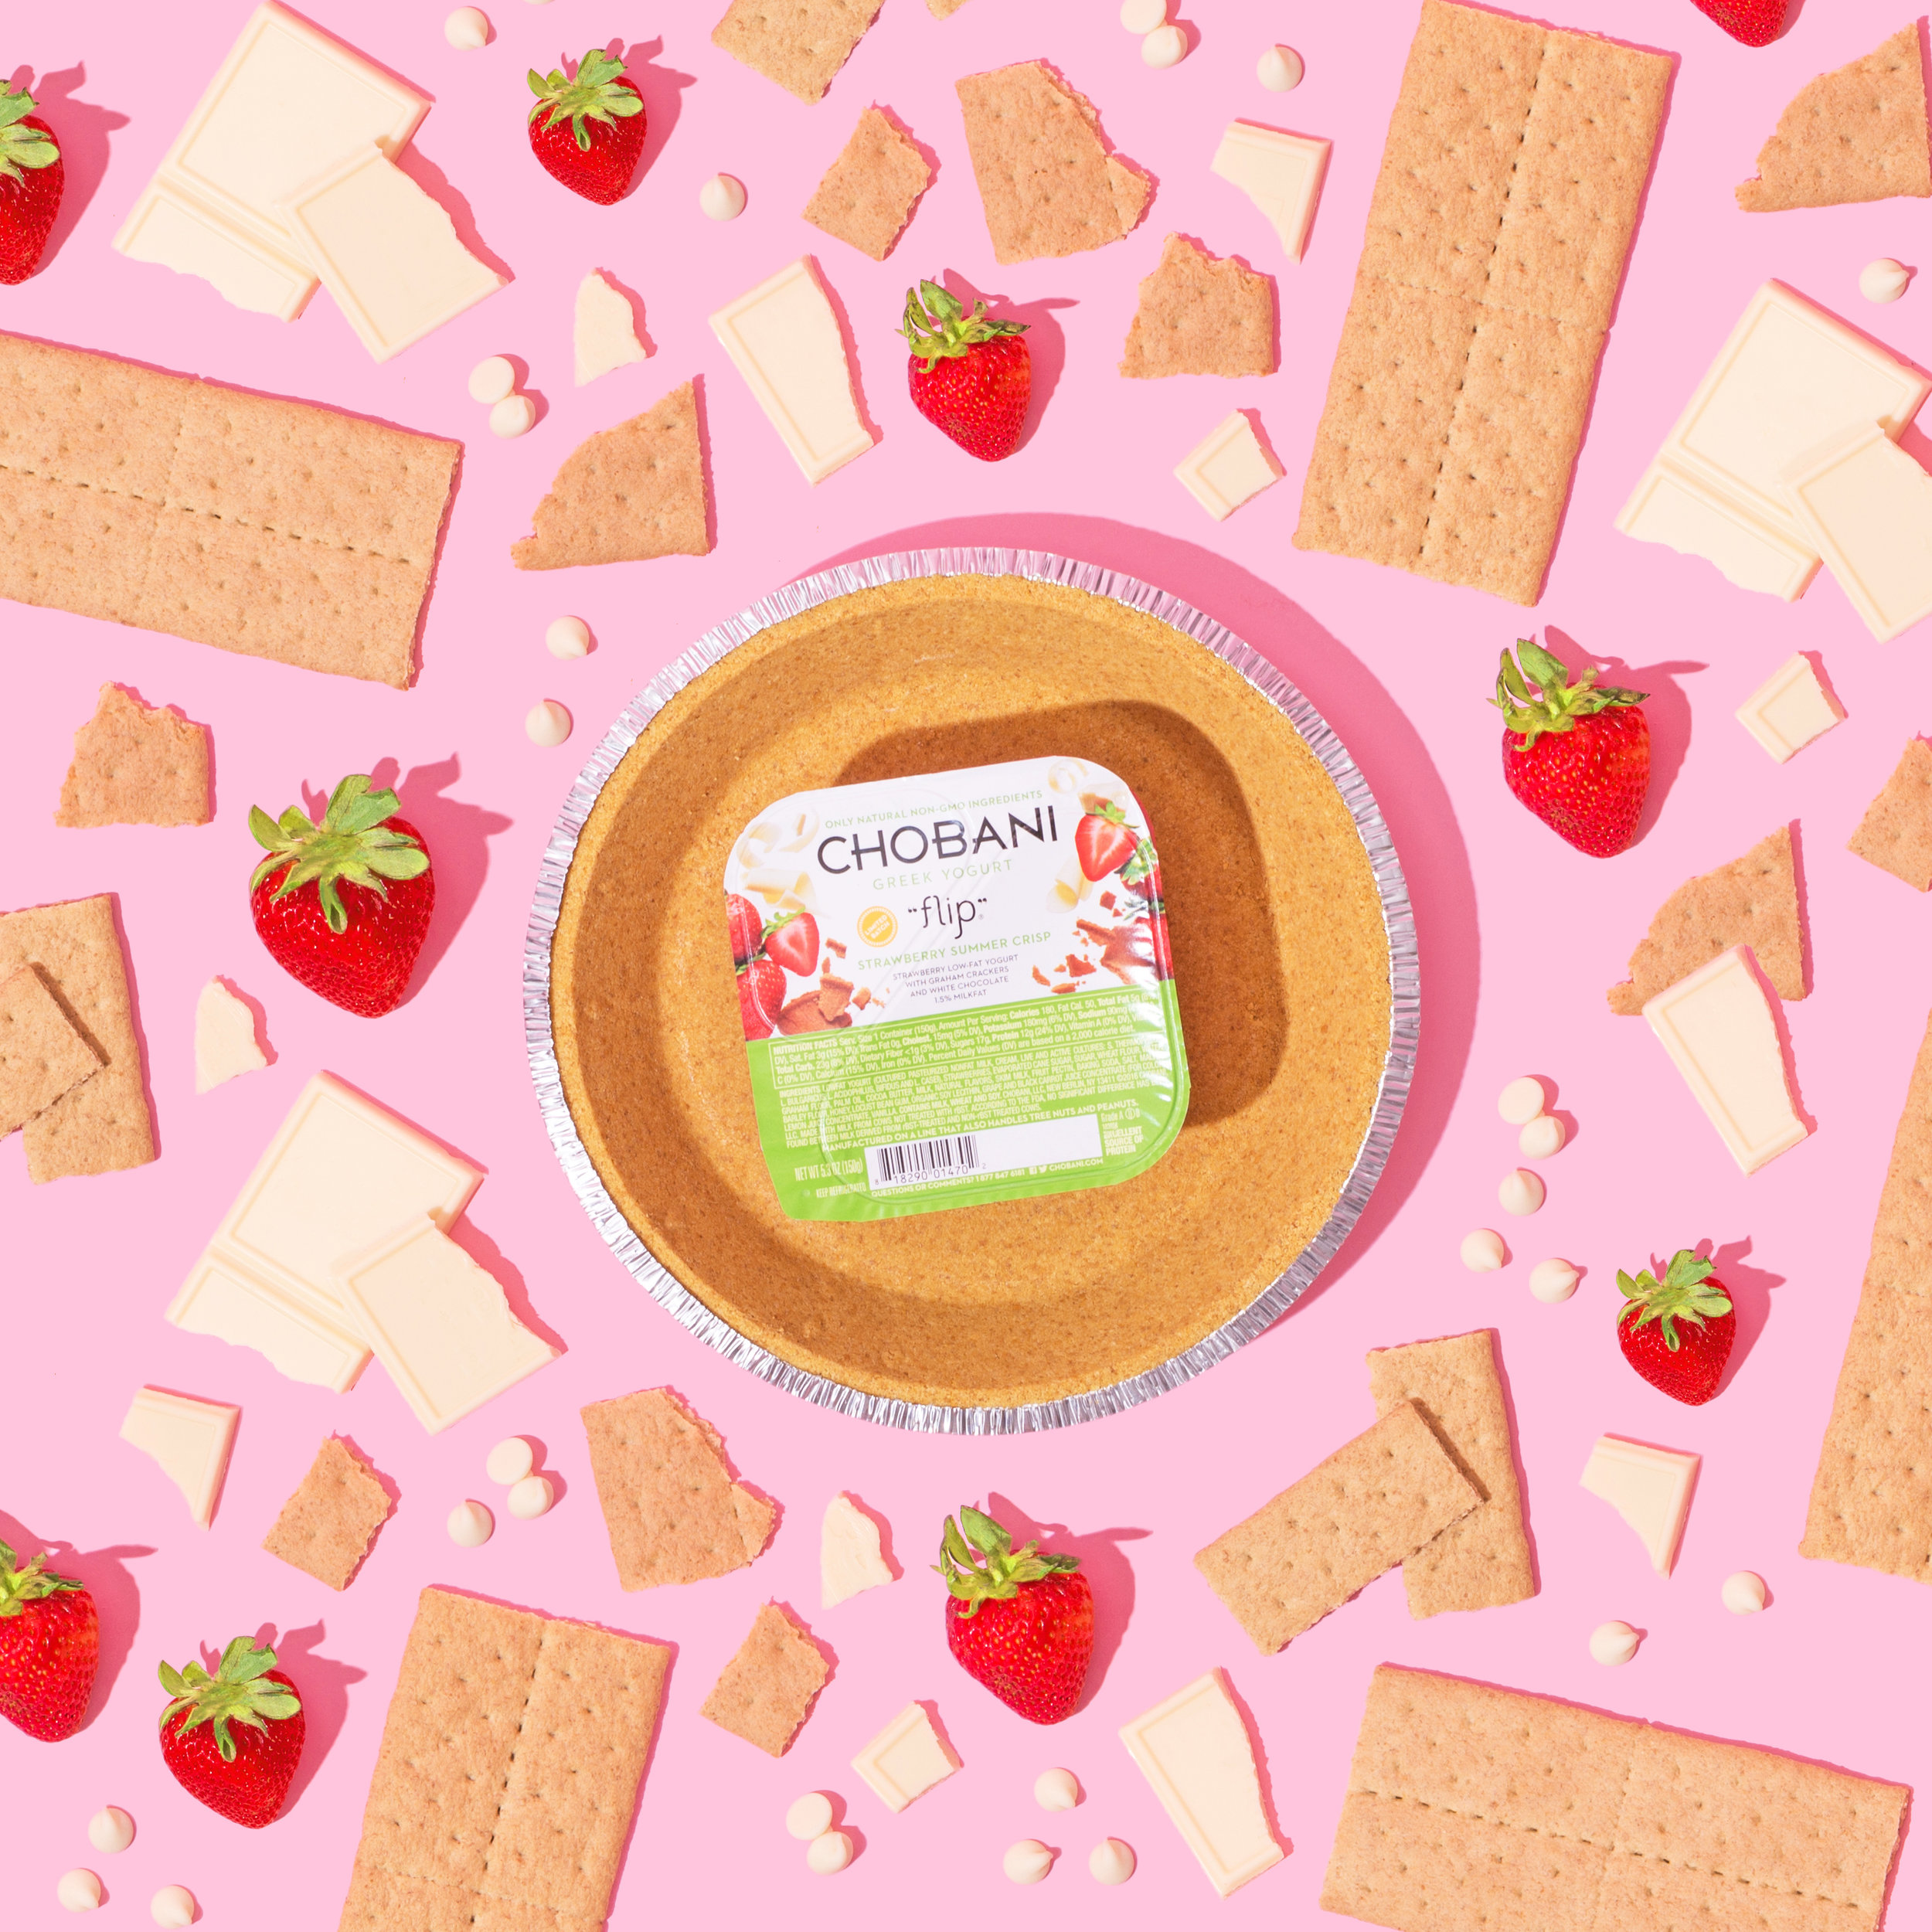 Chobani Summer Strawberry Flip 1.2D.jpg